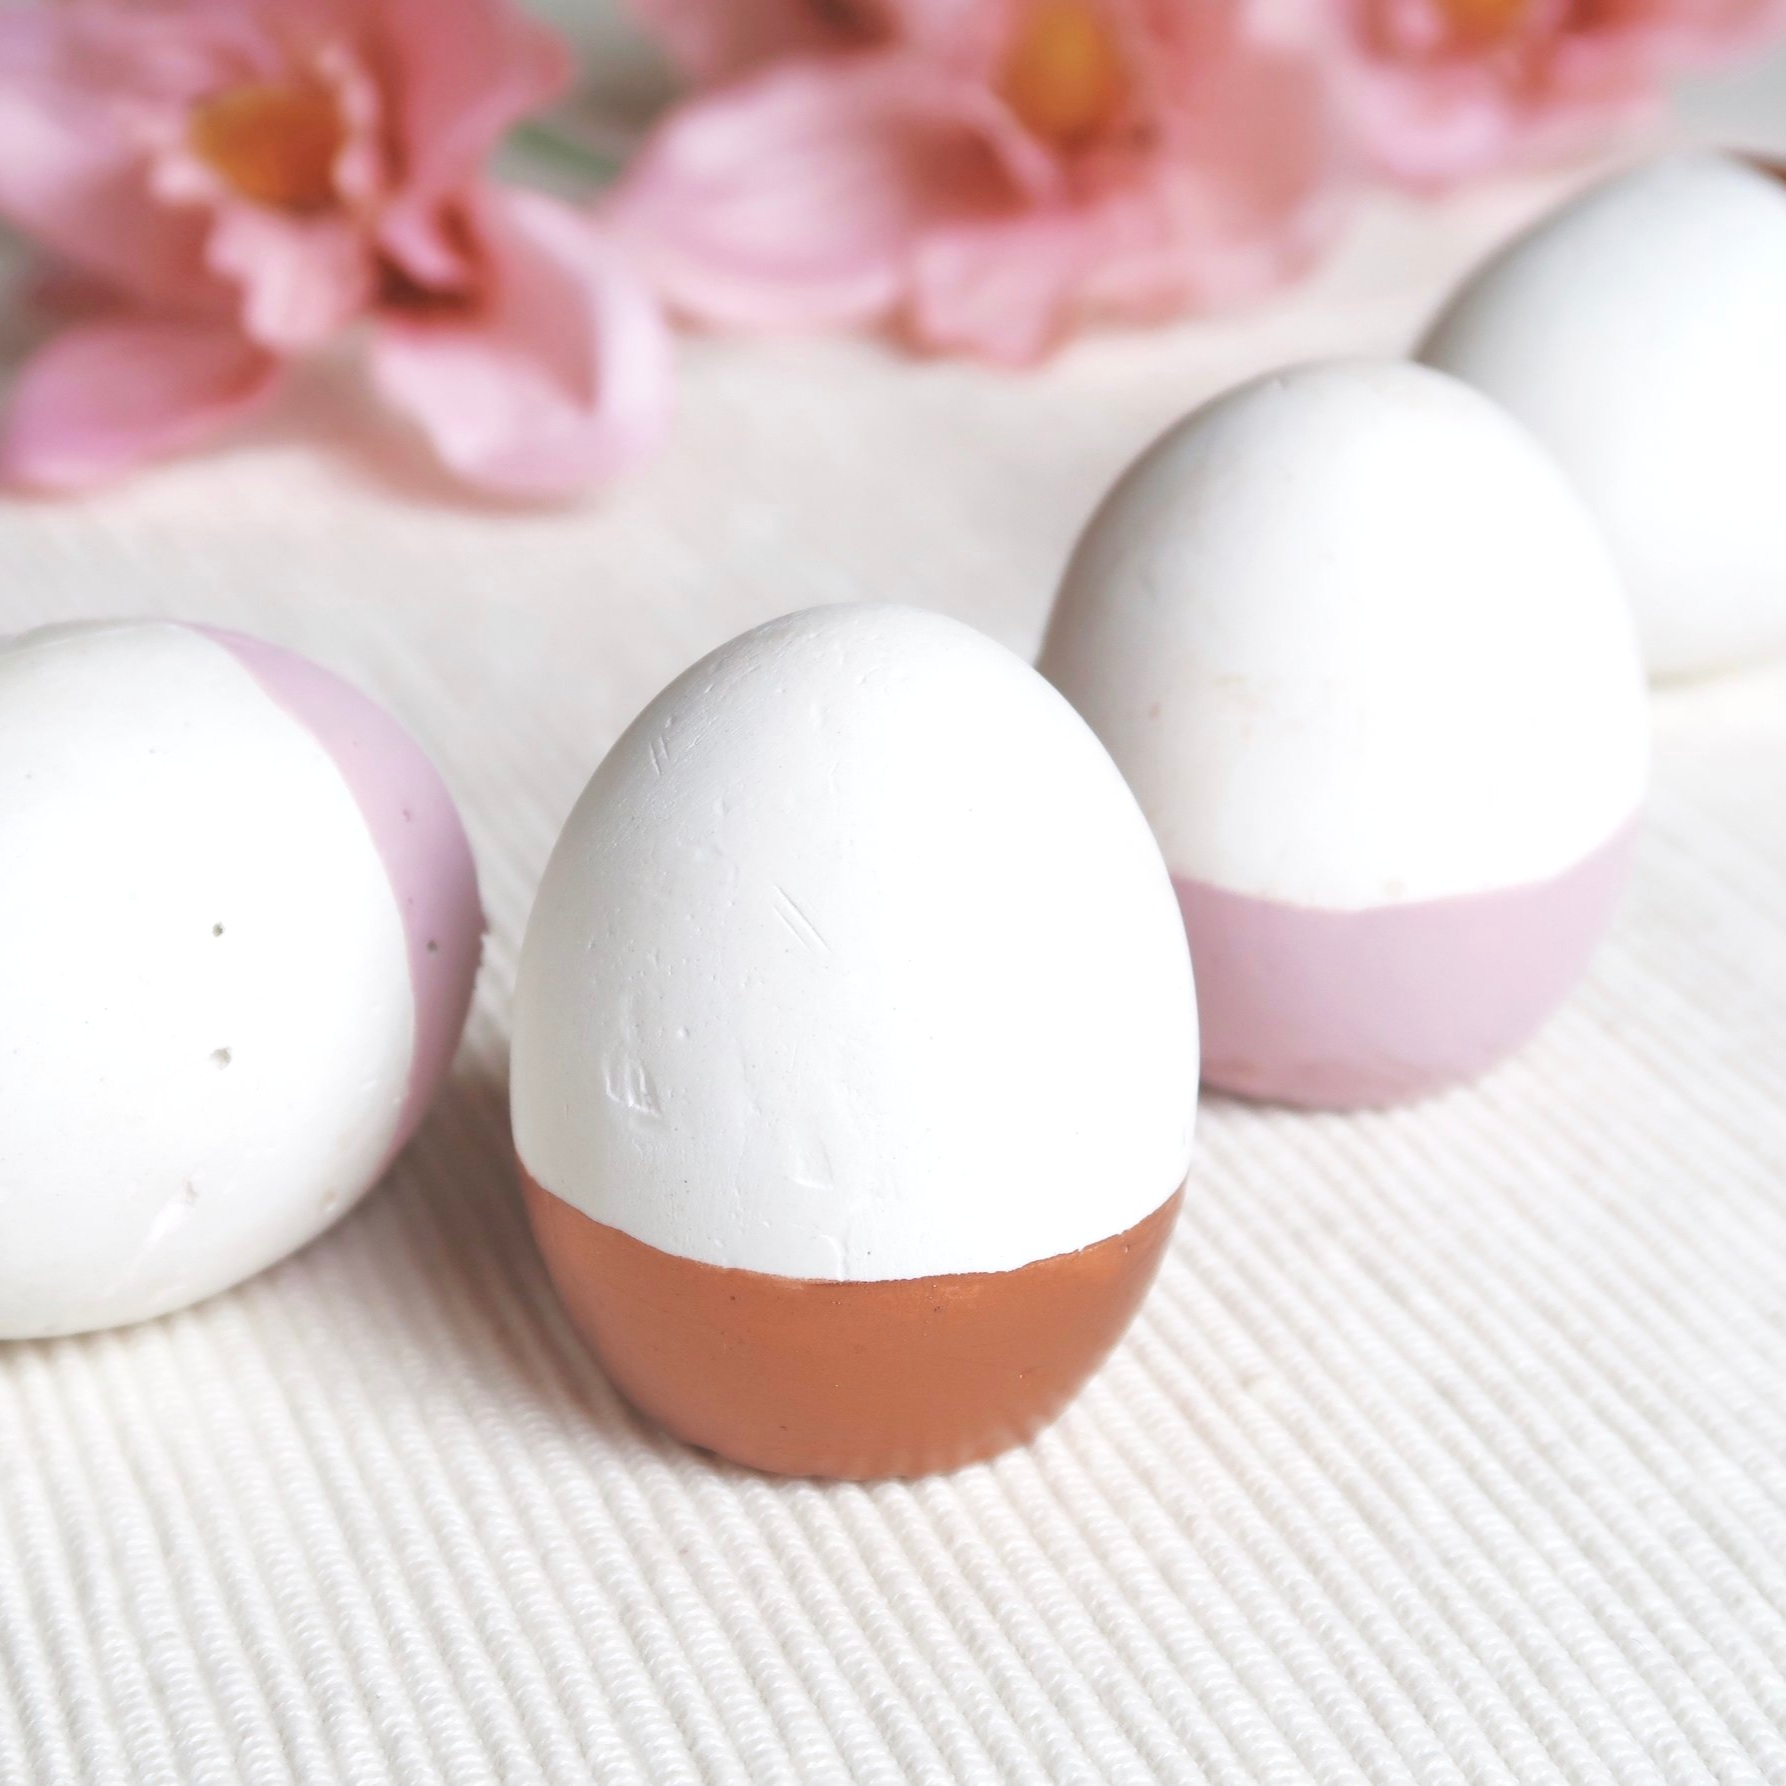 4. - DIY Plaster Easter Egg Decor